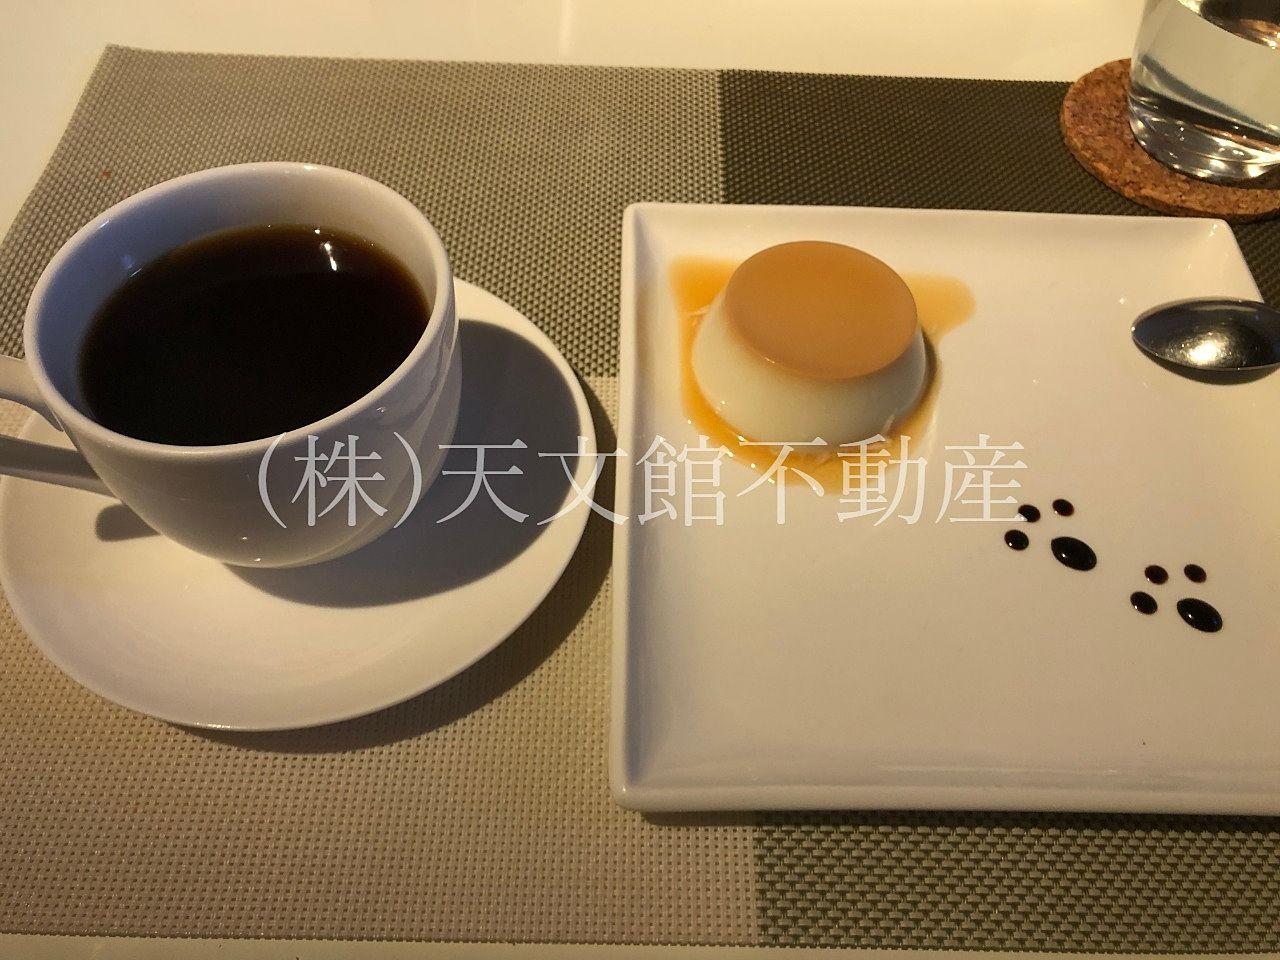 鹿児島市城山町「DINIZ CAFE (ジニスカフェ)」は最後にババロアとコーヒーも出てきます。